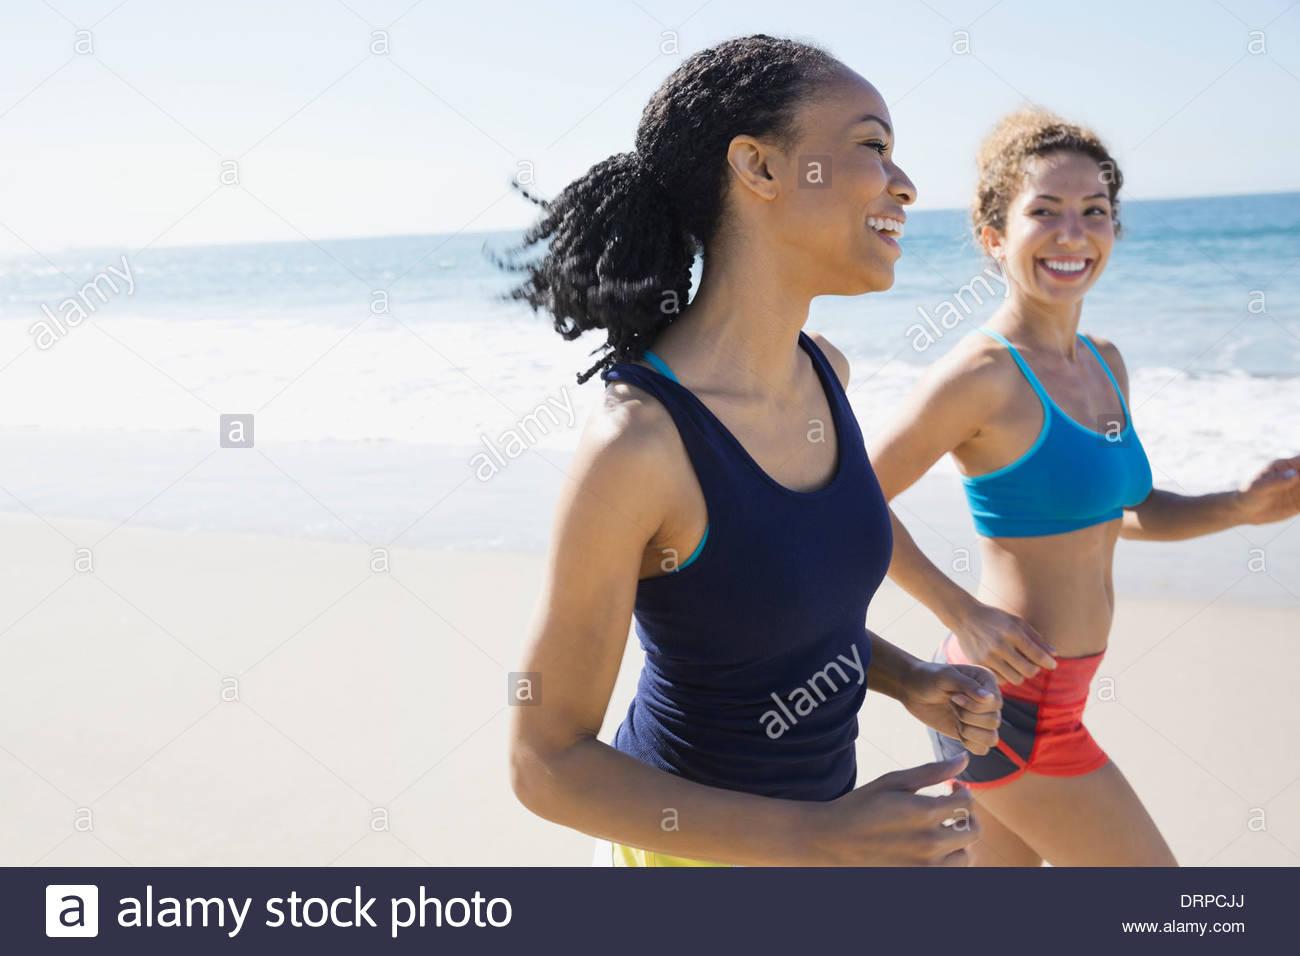 Amici di sesso femminile jogging sulla spiaggia Immagini Stock